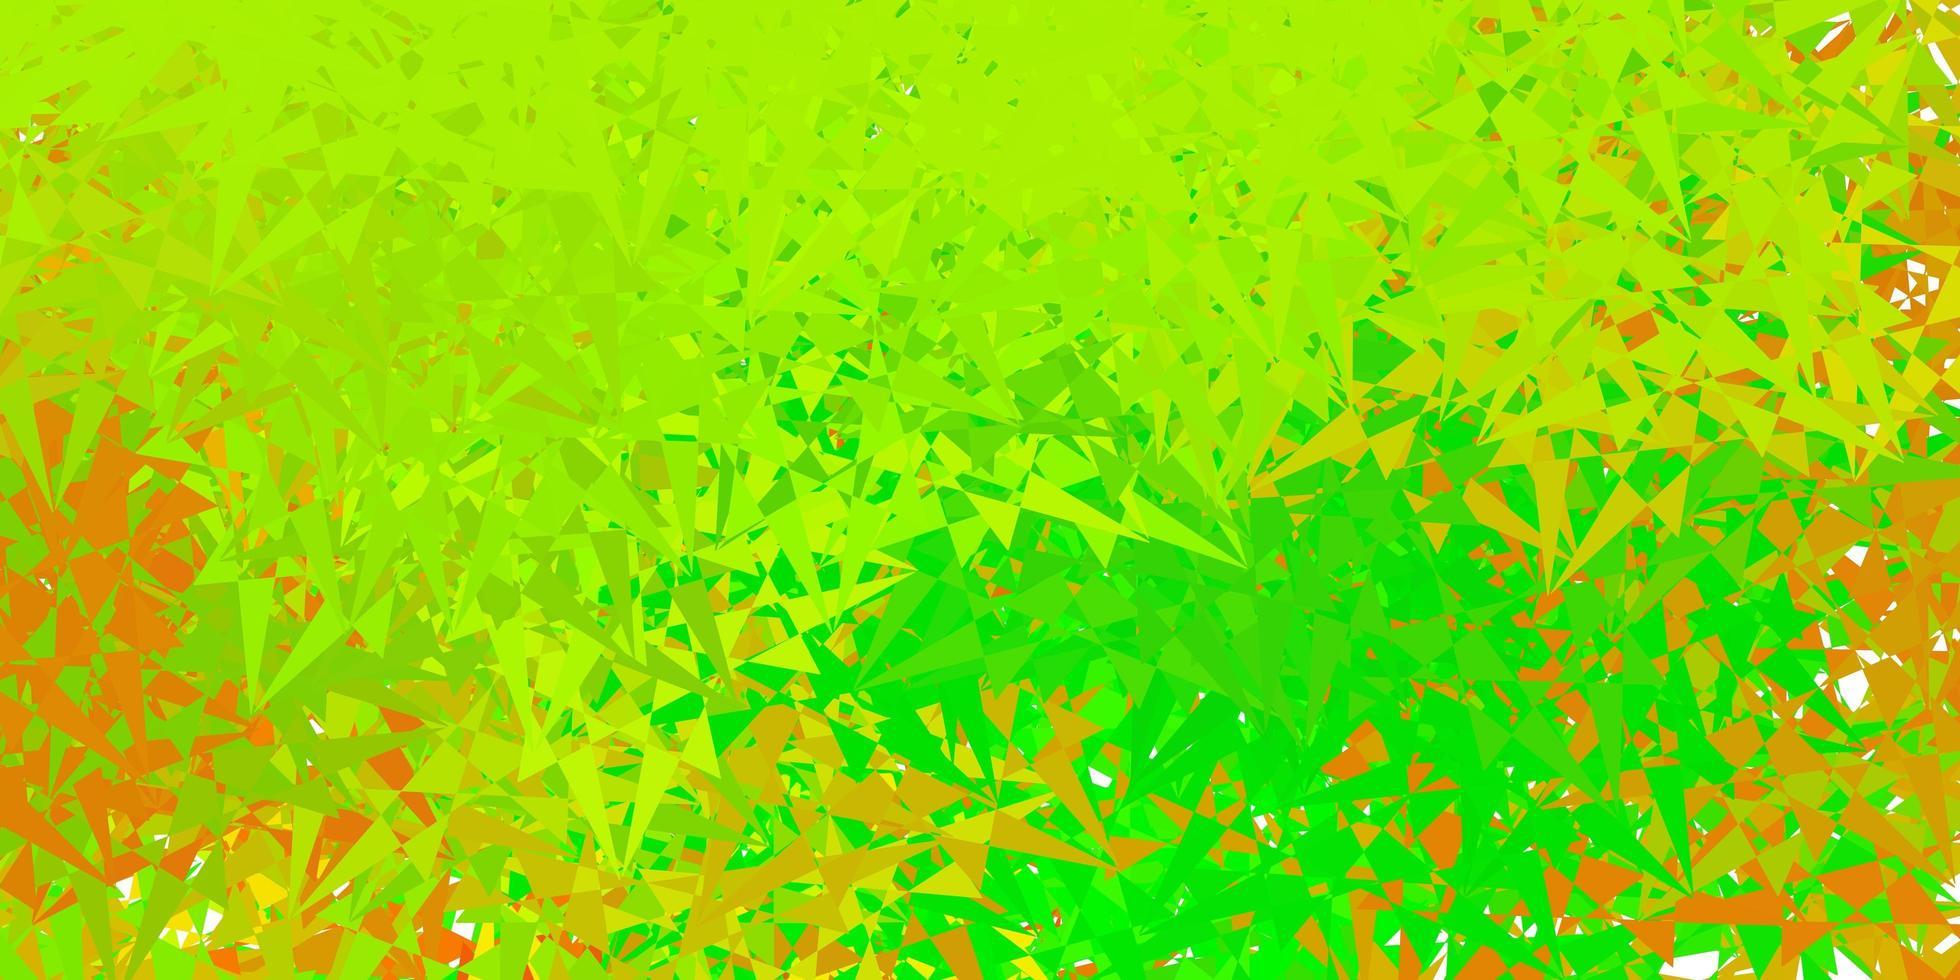 padrão de vetor verde e amarelo escuro com formas poligonais.